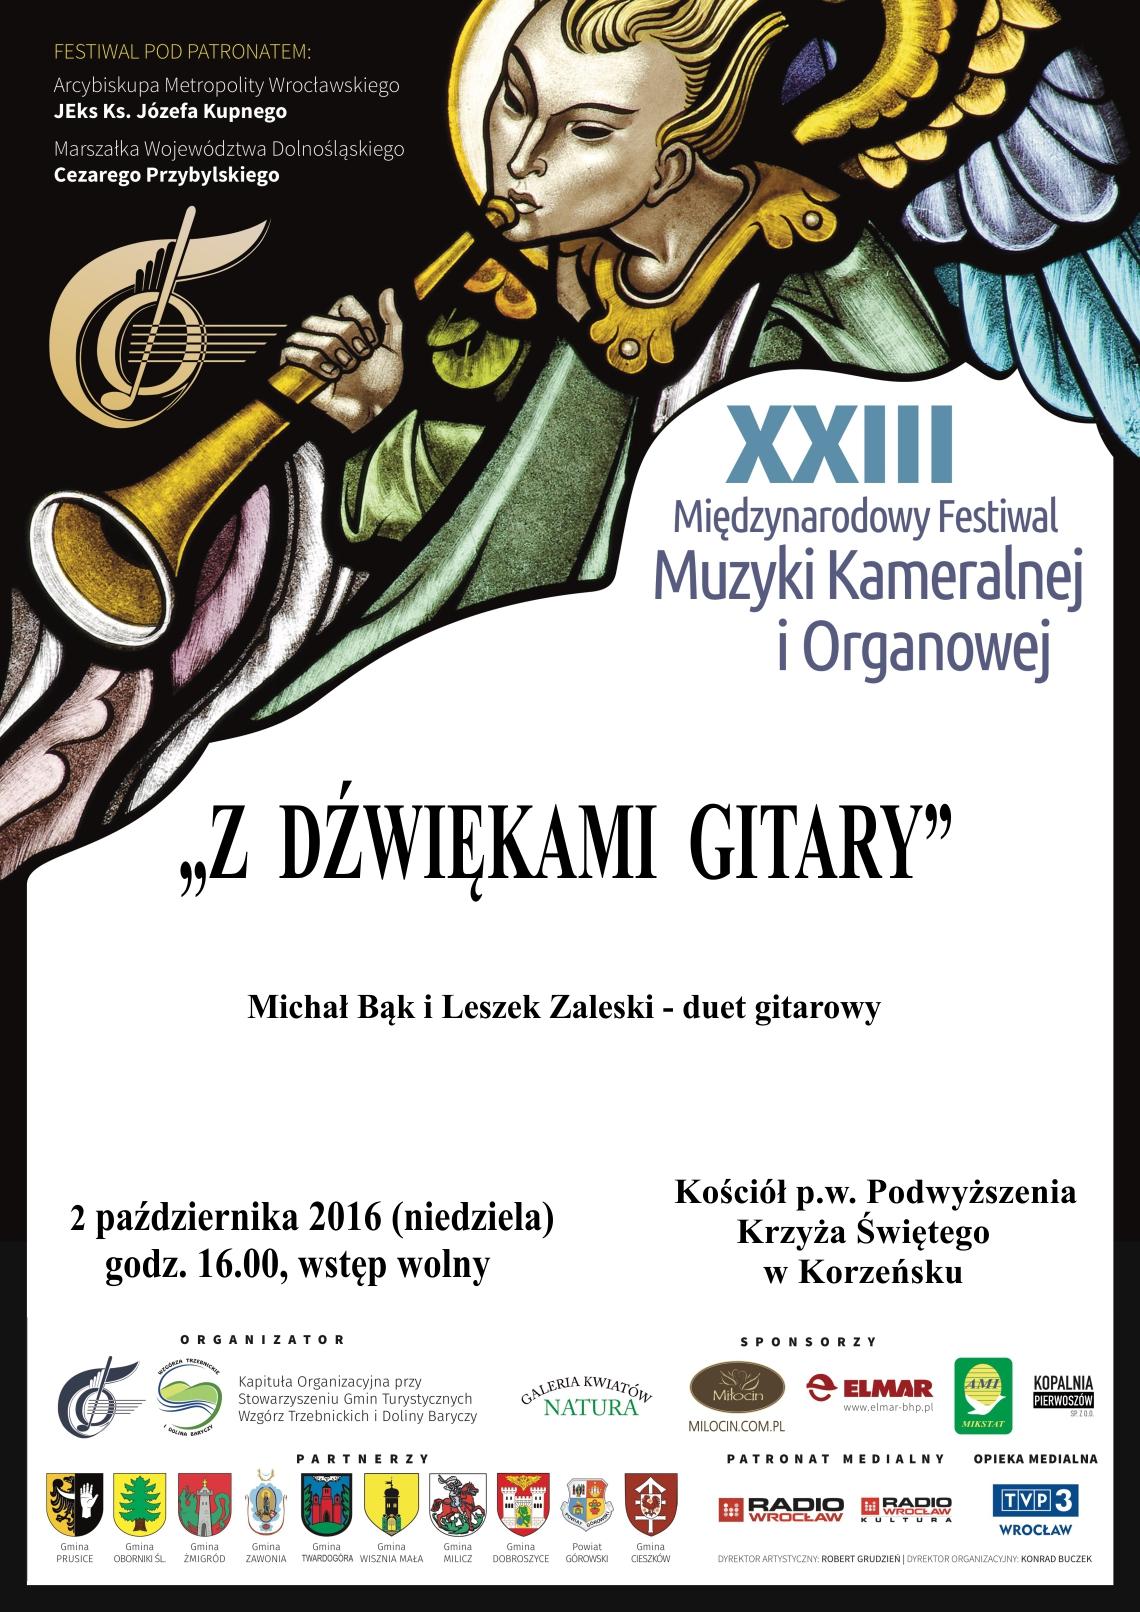 XXII Międzynarodowy Festiwal Muzyki Kameralnej i Organowej!